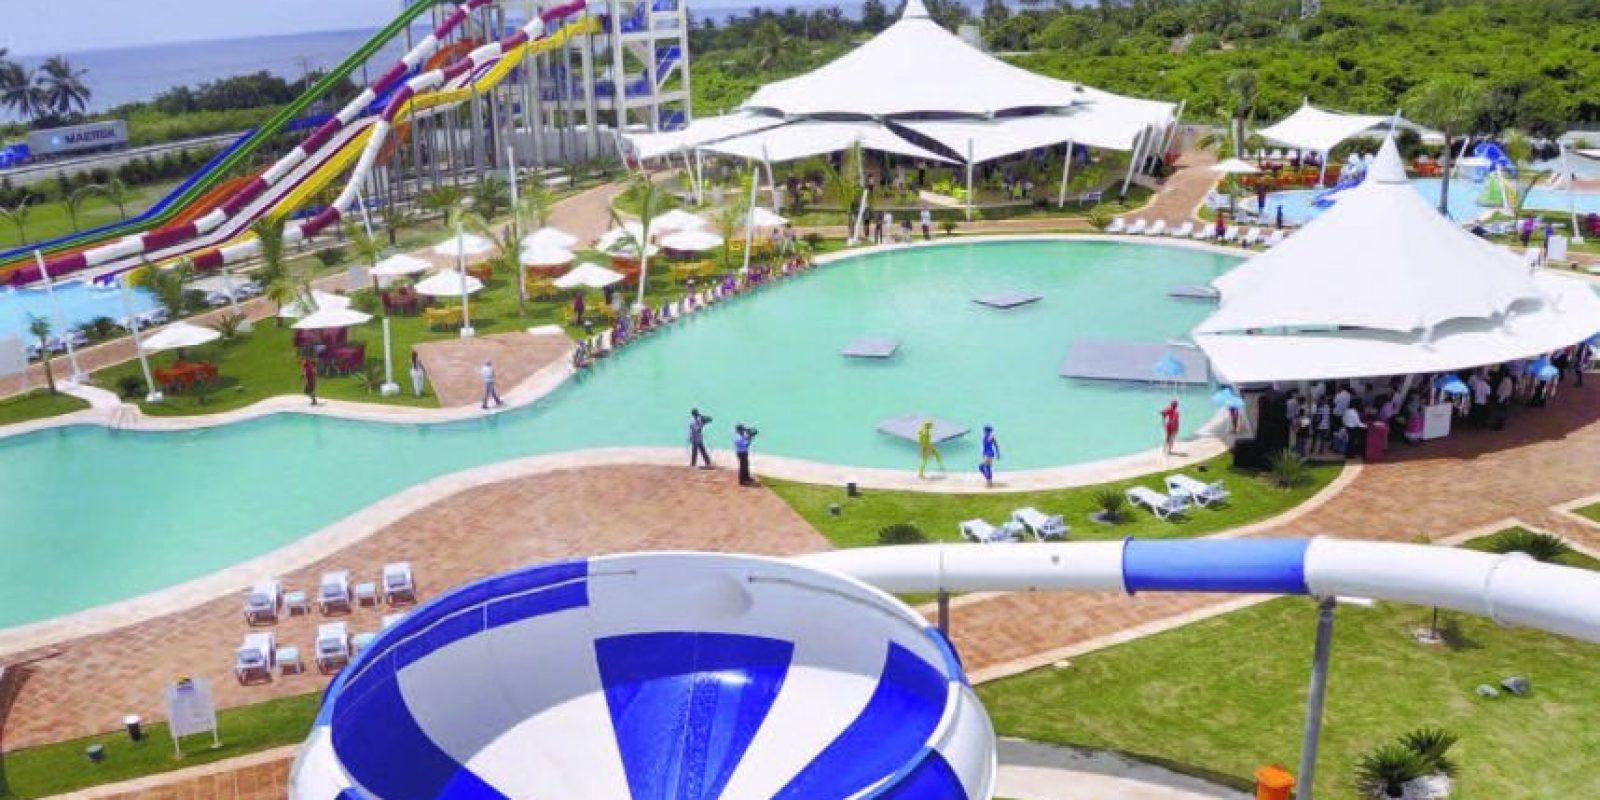 Los Delfines Park. Está considerado como el parque acuático y de entretenimiento más grande del país. Sus más de 700,000 pies cuadrados están destinados para que sus visitantes se diviertan al máximo. Anímese a vivir la emoción de sus excitantes y divertidos toboganes y en sus atracciones Twister Tower, Crazy Tower y Wave Pool. El parque está ubicado en la Autovía del Este, Km. 15, Guayacanes, Juan Dolio. Sus puertas están abiertas de 10:00 de la mañana a 6:00 de la tarde. Foto:Fuente externa